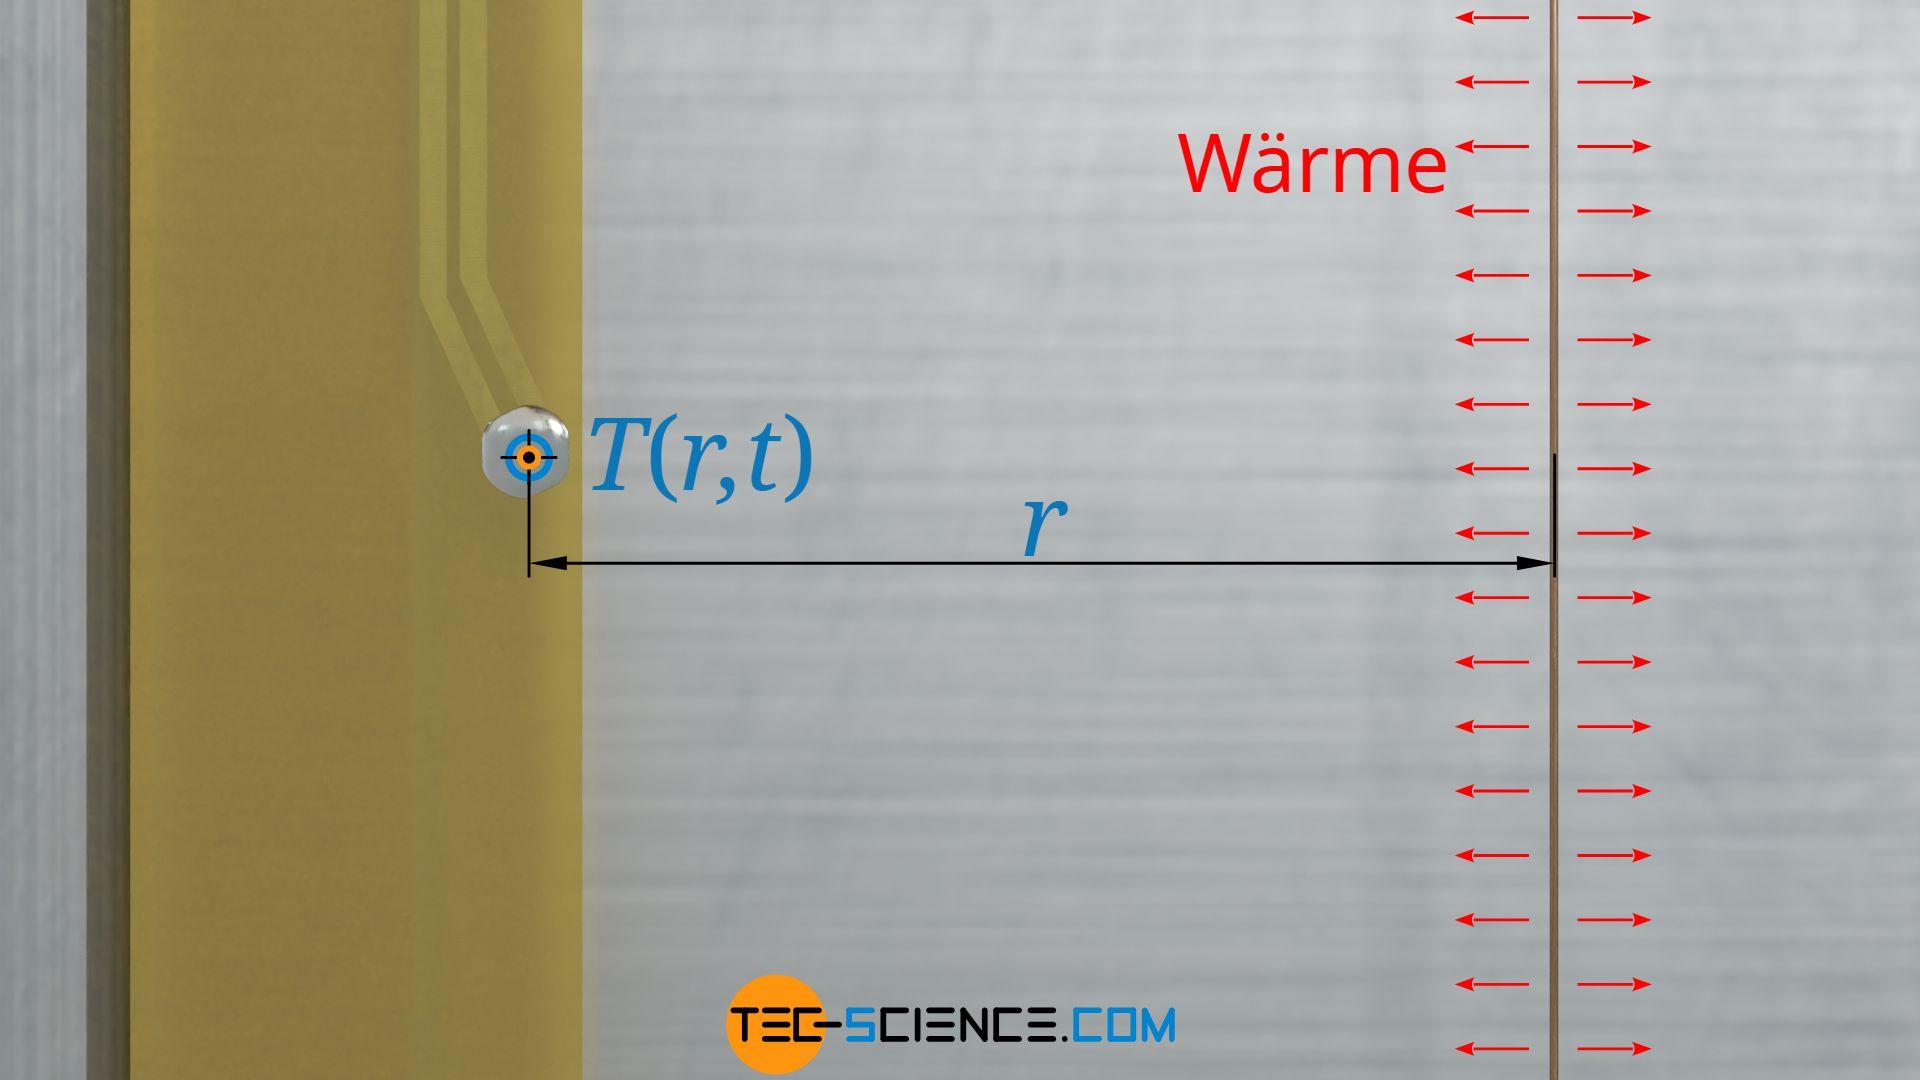 Berechnung des zeitlichen Temperaturanstiegs für einen Punkt in einem bestimmten Abstand zu einem dünnen Heizdraht